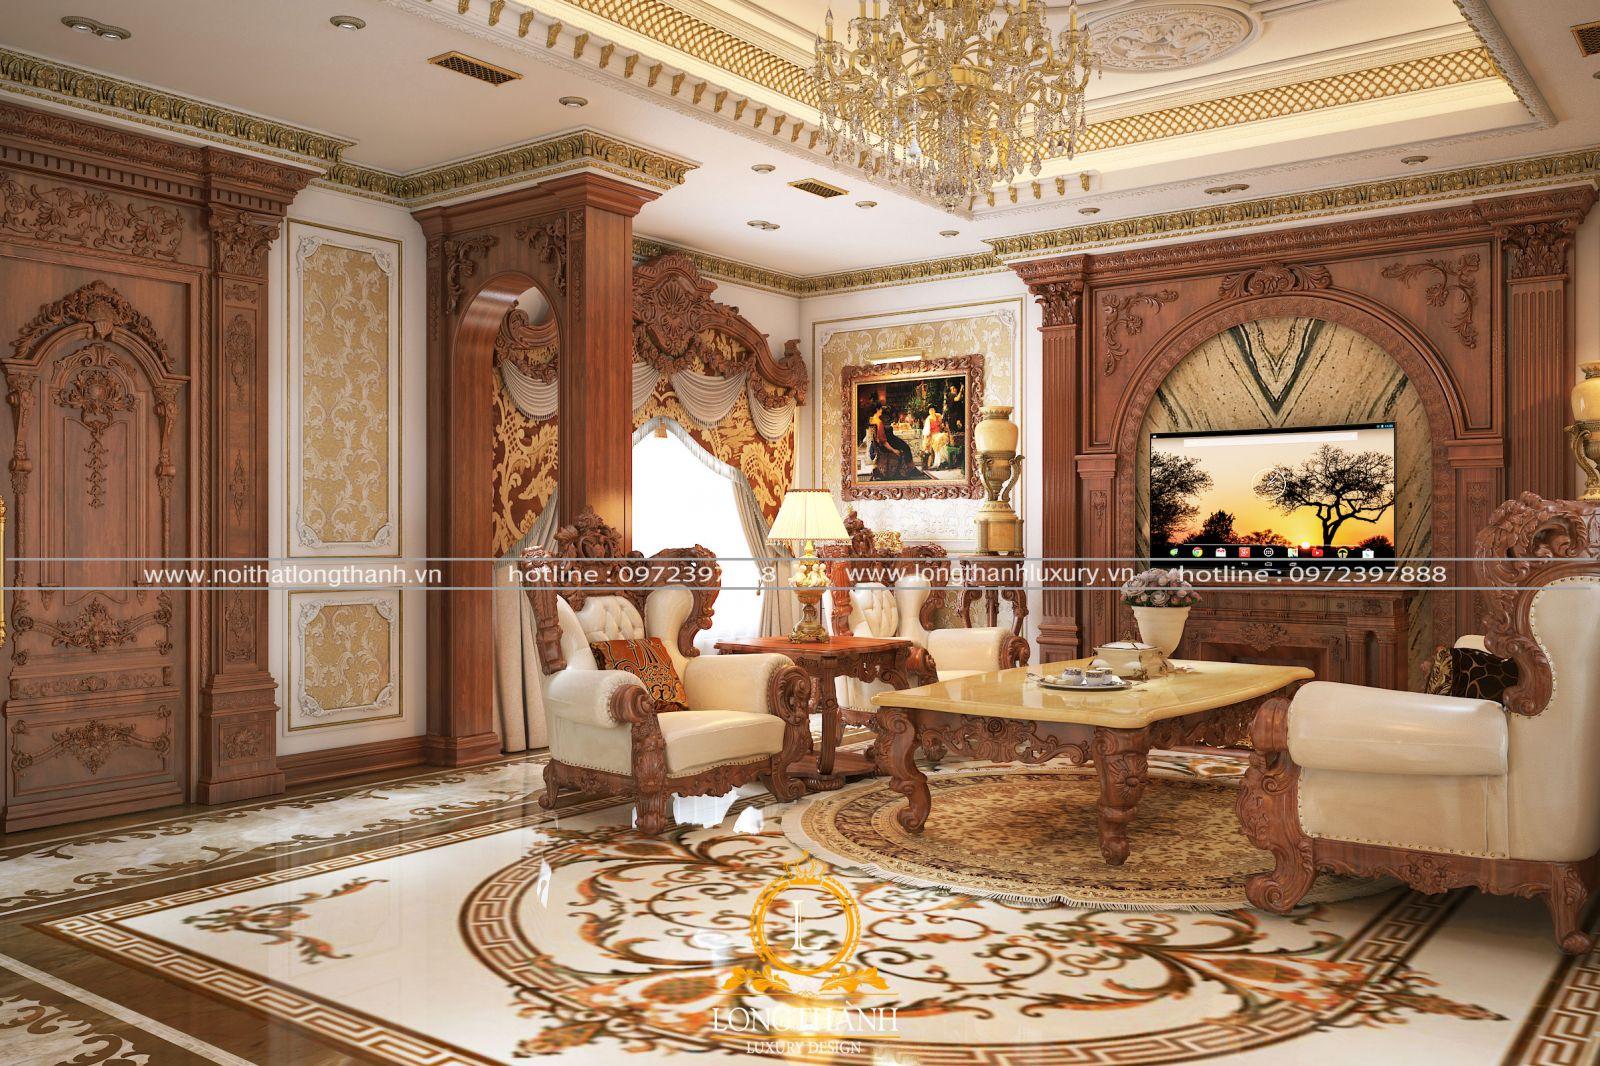 Mẫu thiết kế phòng khách tân cổ điển vùa đẹp vừa sang